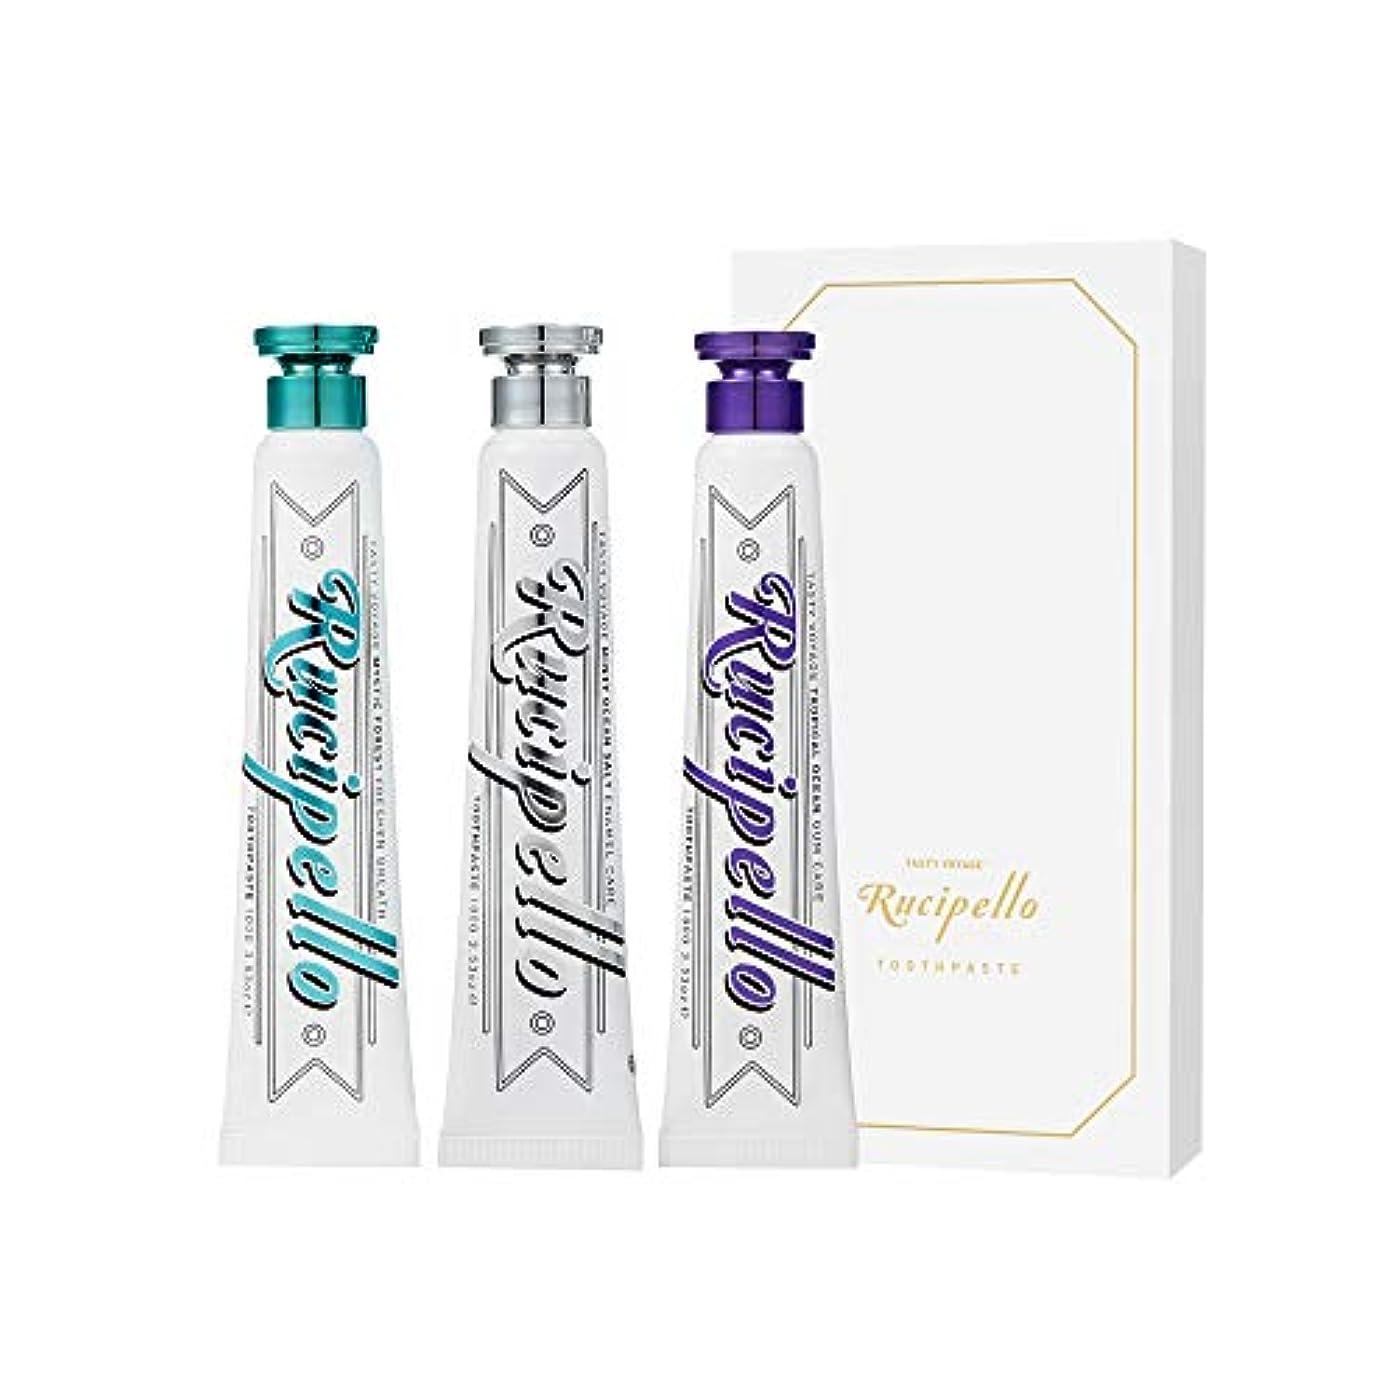 文房具平均間[ルチペッロ] Rucipello 歯磨き粉3種のプレゼントセット 100g x 3 本 (海外直送品)